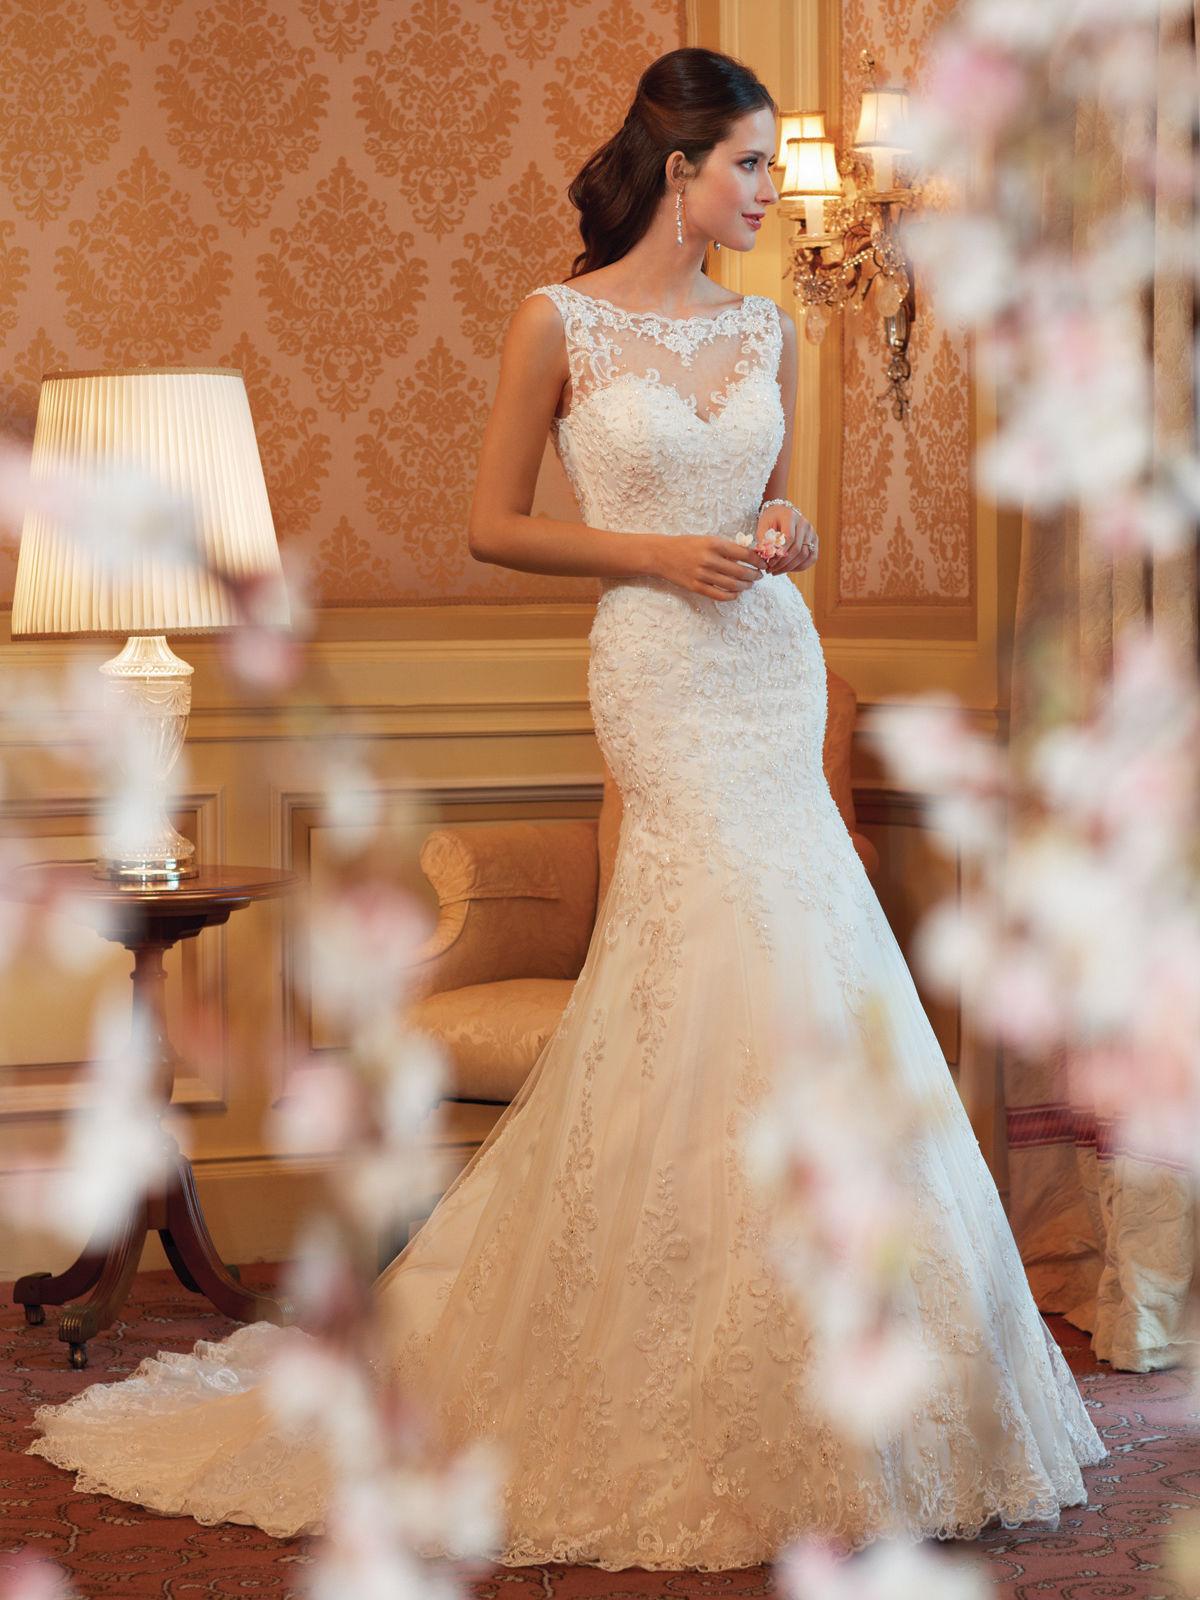 к 2015 году новые кружева плечо ретро дворца спинки маленький хвост хвост self свадьбы свадебное платье